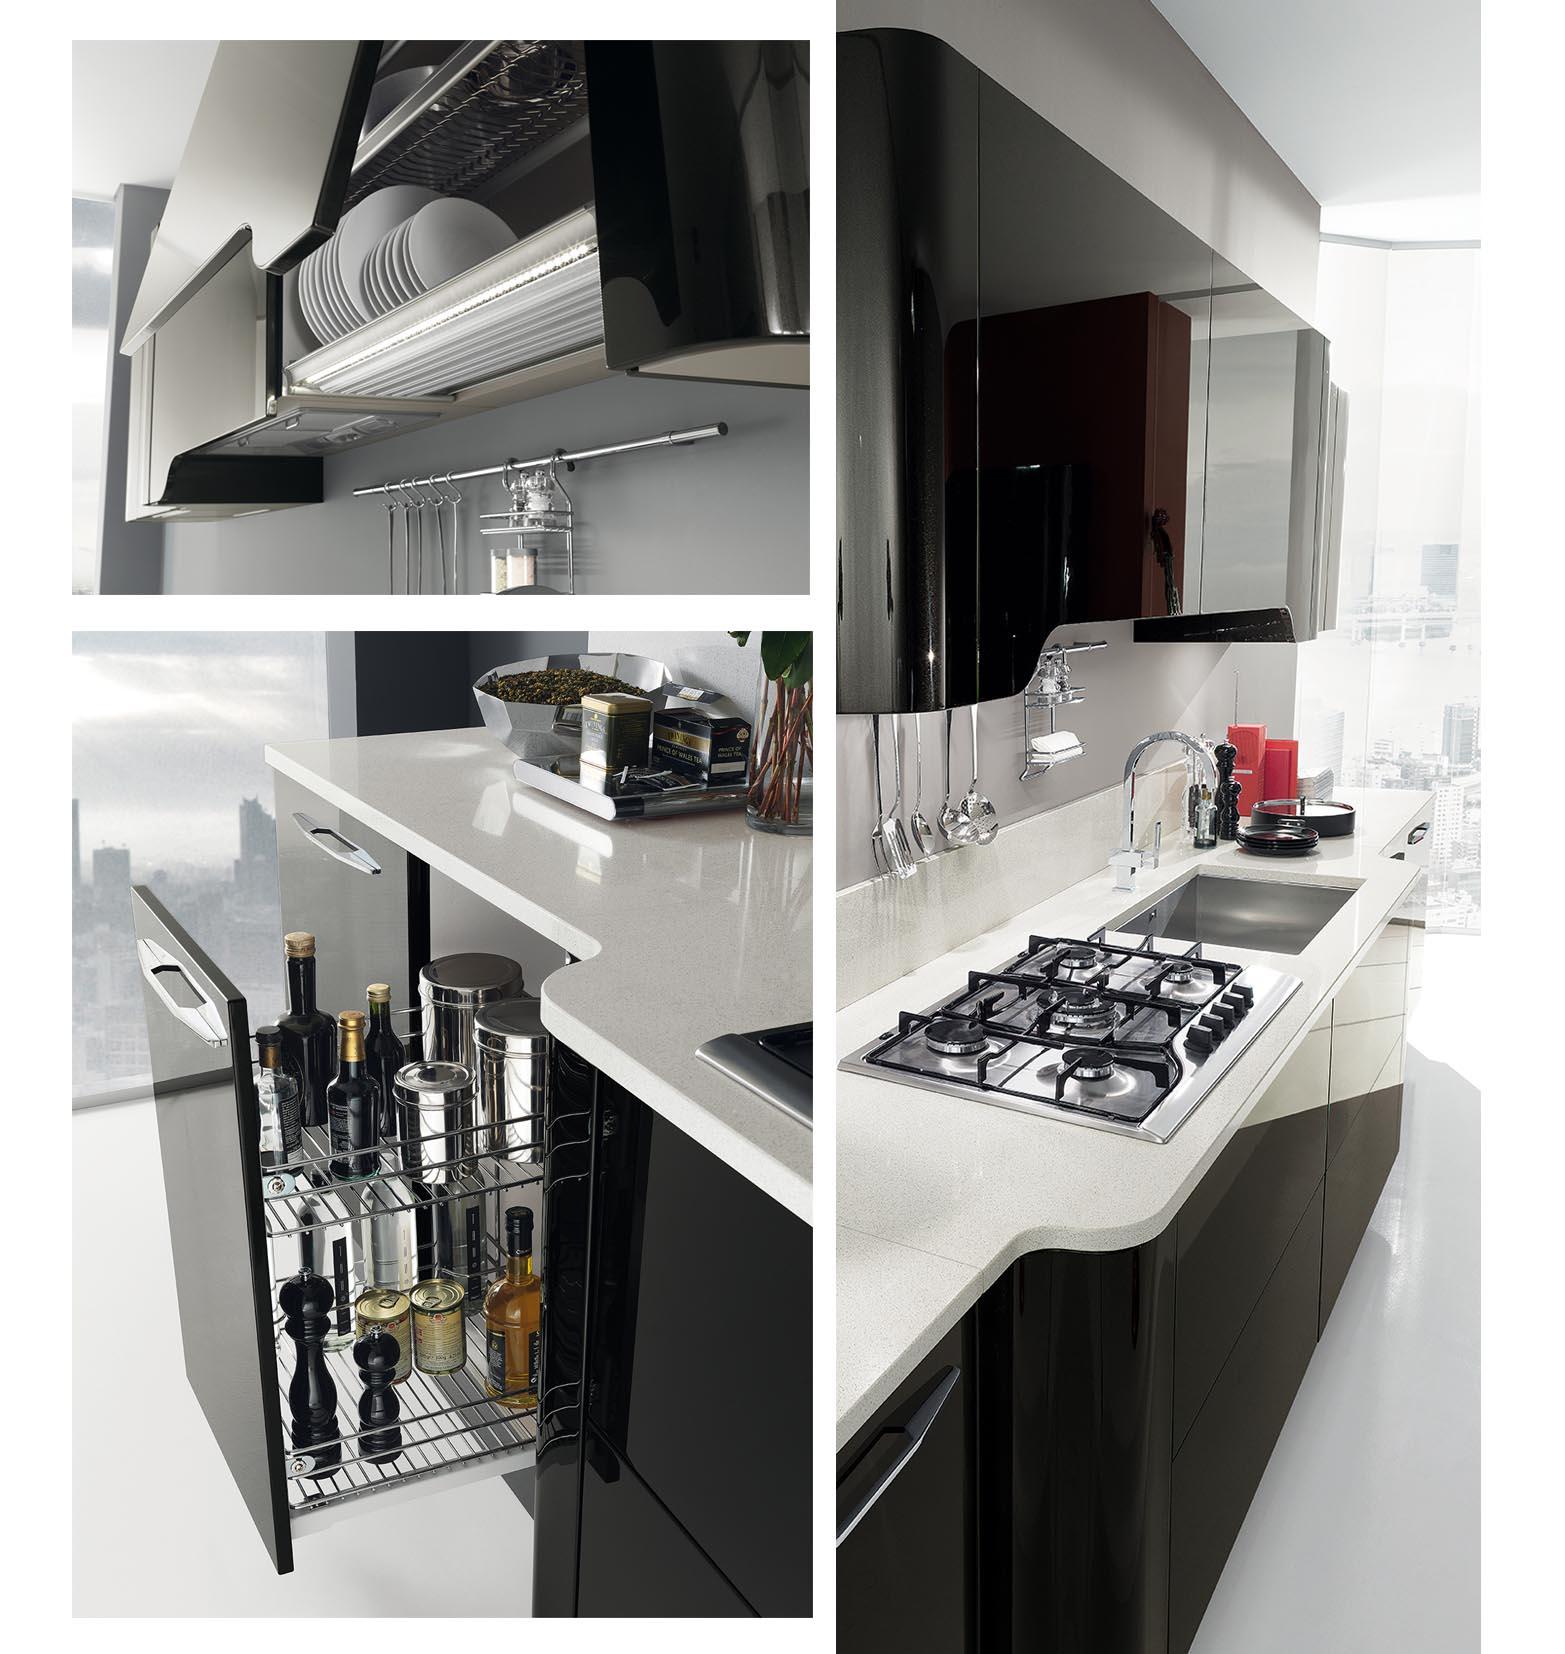 S a las cocinas negras un estilo valiente y elegante blog con ideas de decoraci n ideas - Cocina negra y rosa ...